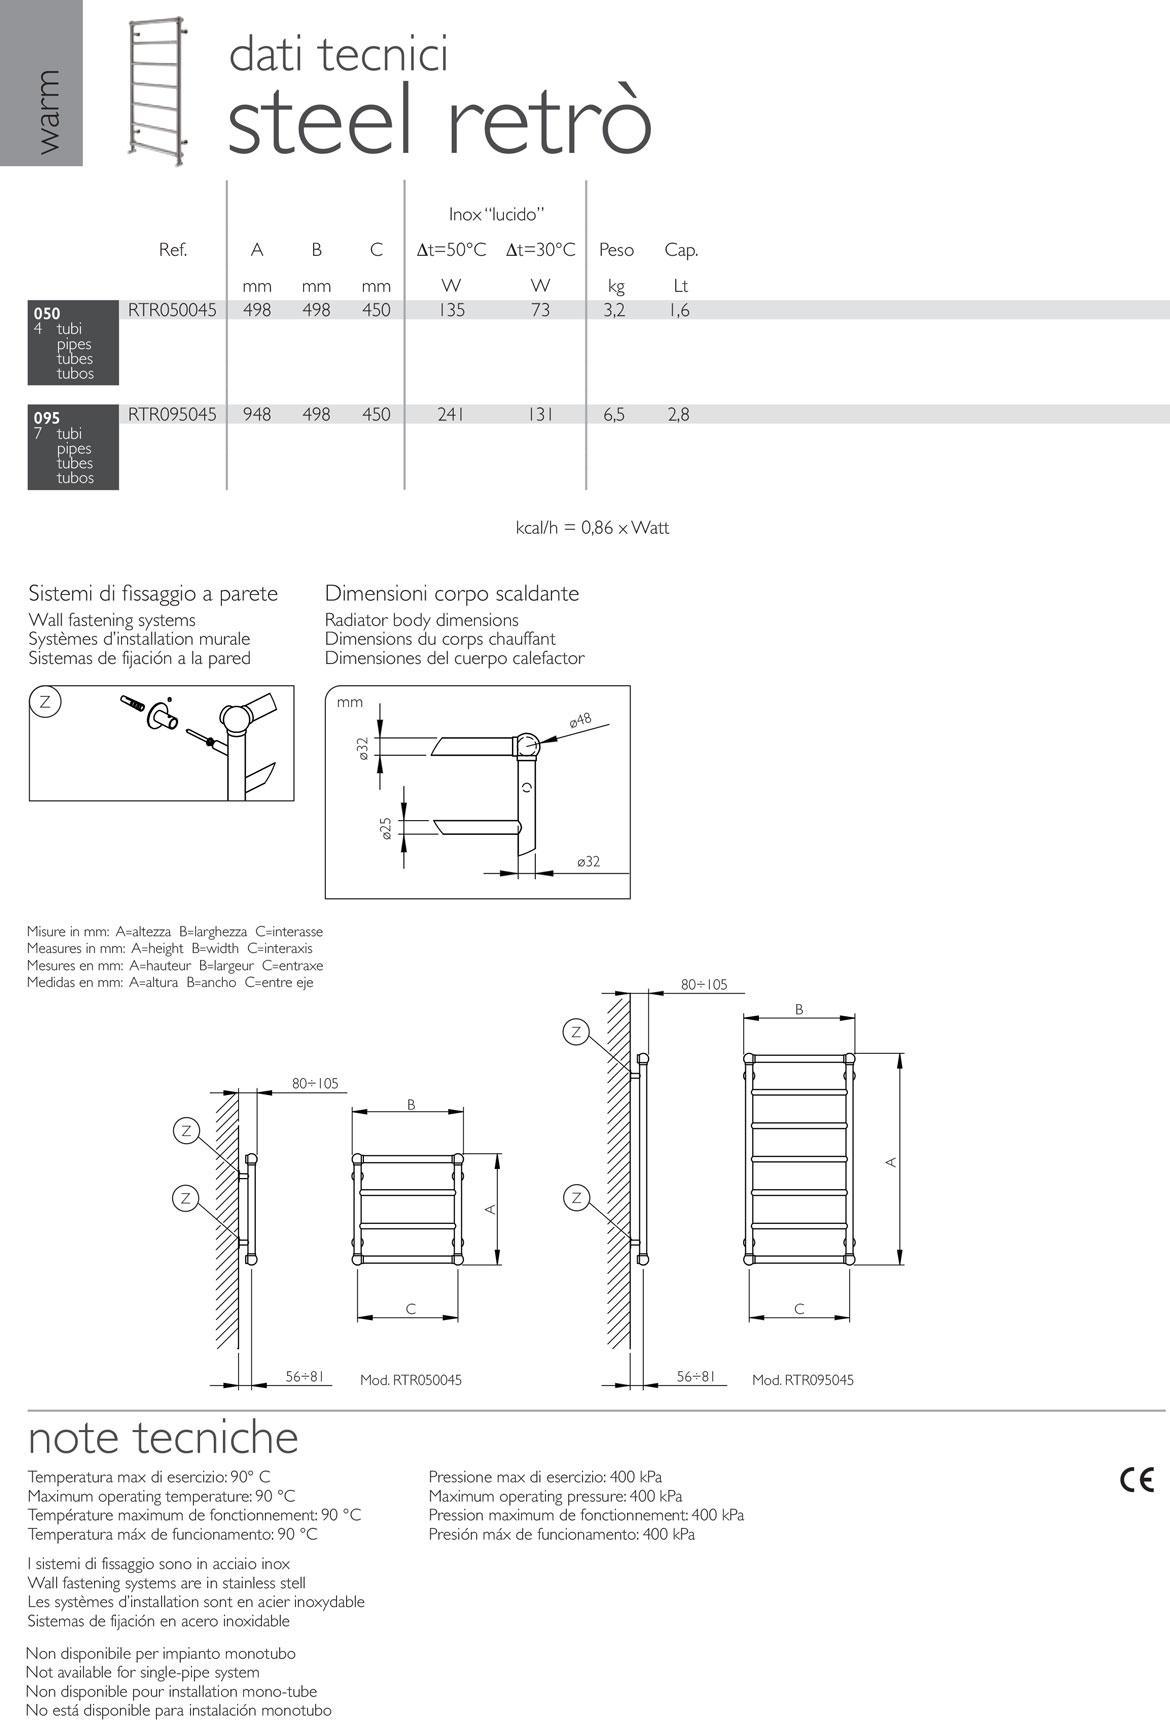 fiche-technique-sèche-seviettes-classique-steel-retrò-deltacalor